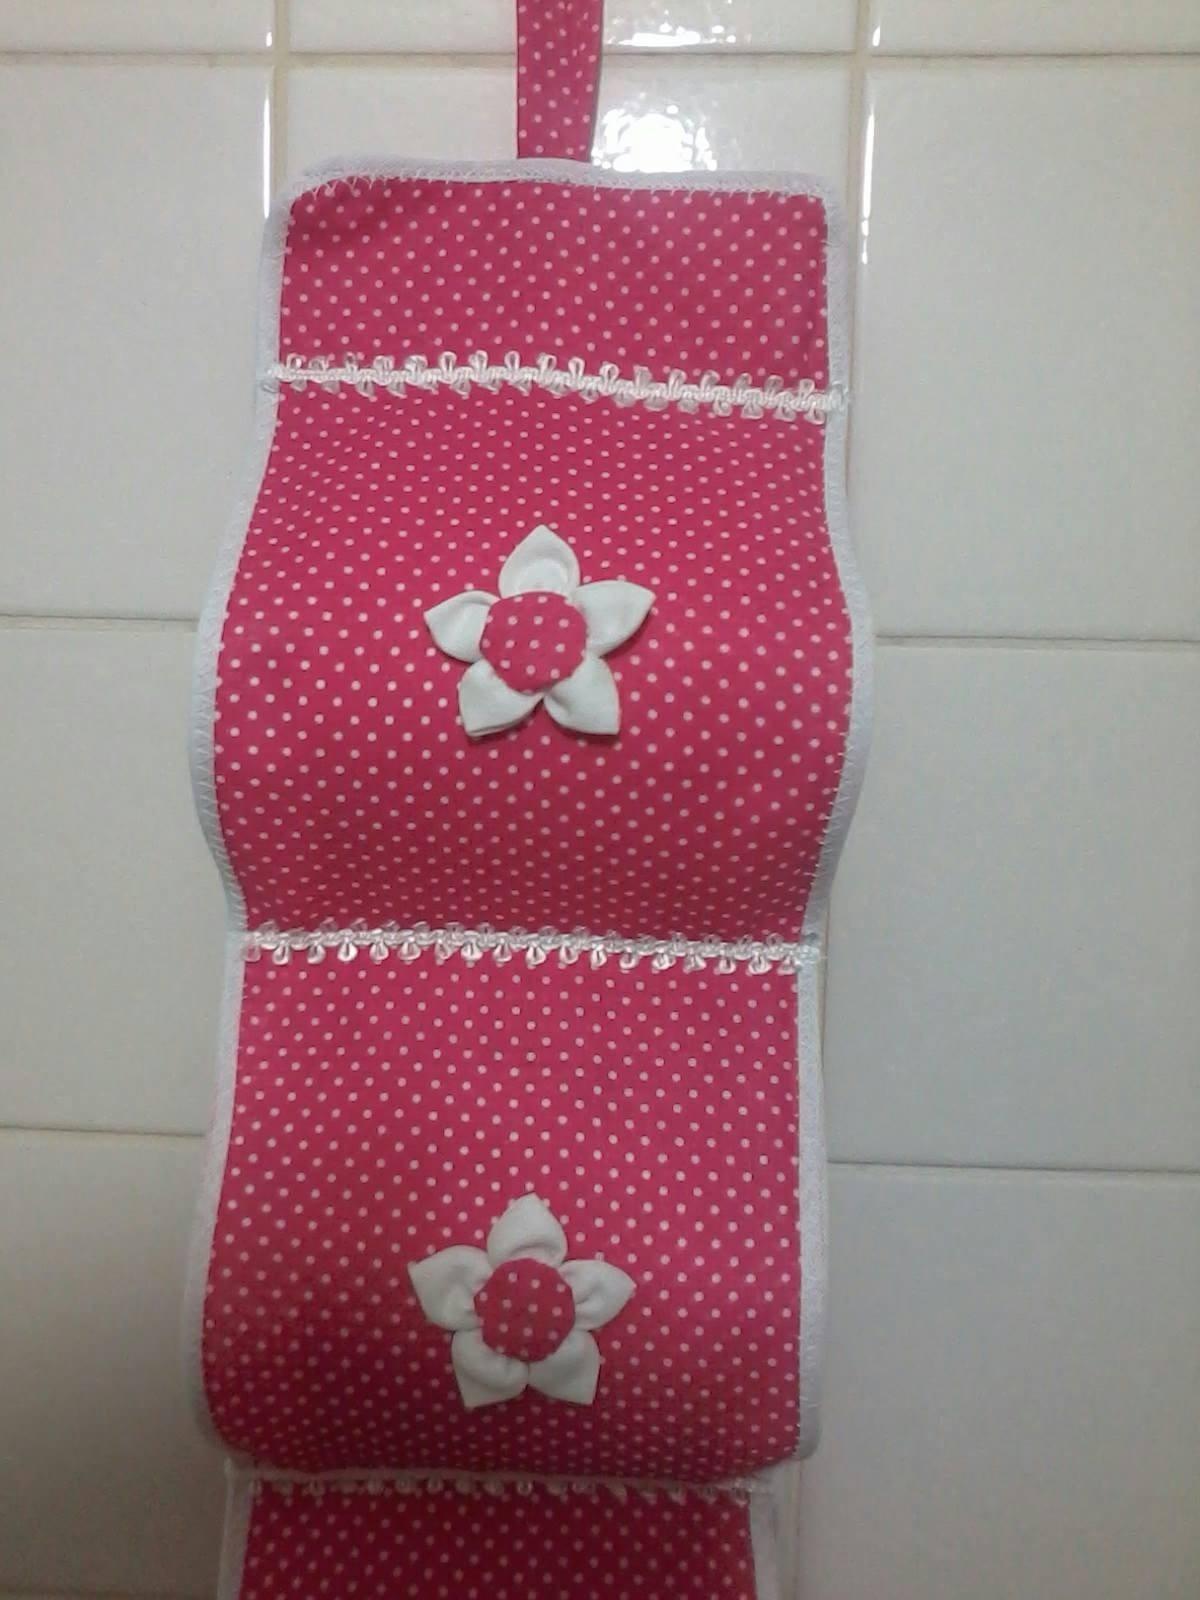 Porta papel higi nico de tecido simone borba artesanatos for Accesorios para bano papel higienico